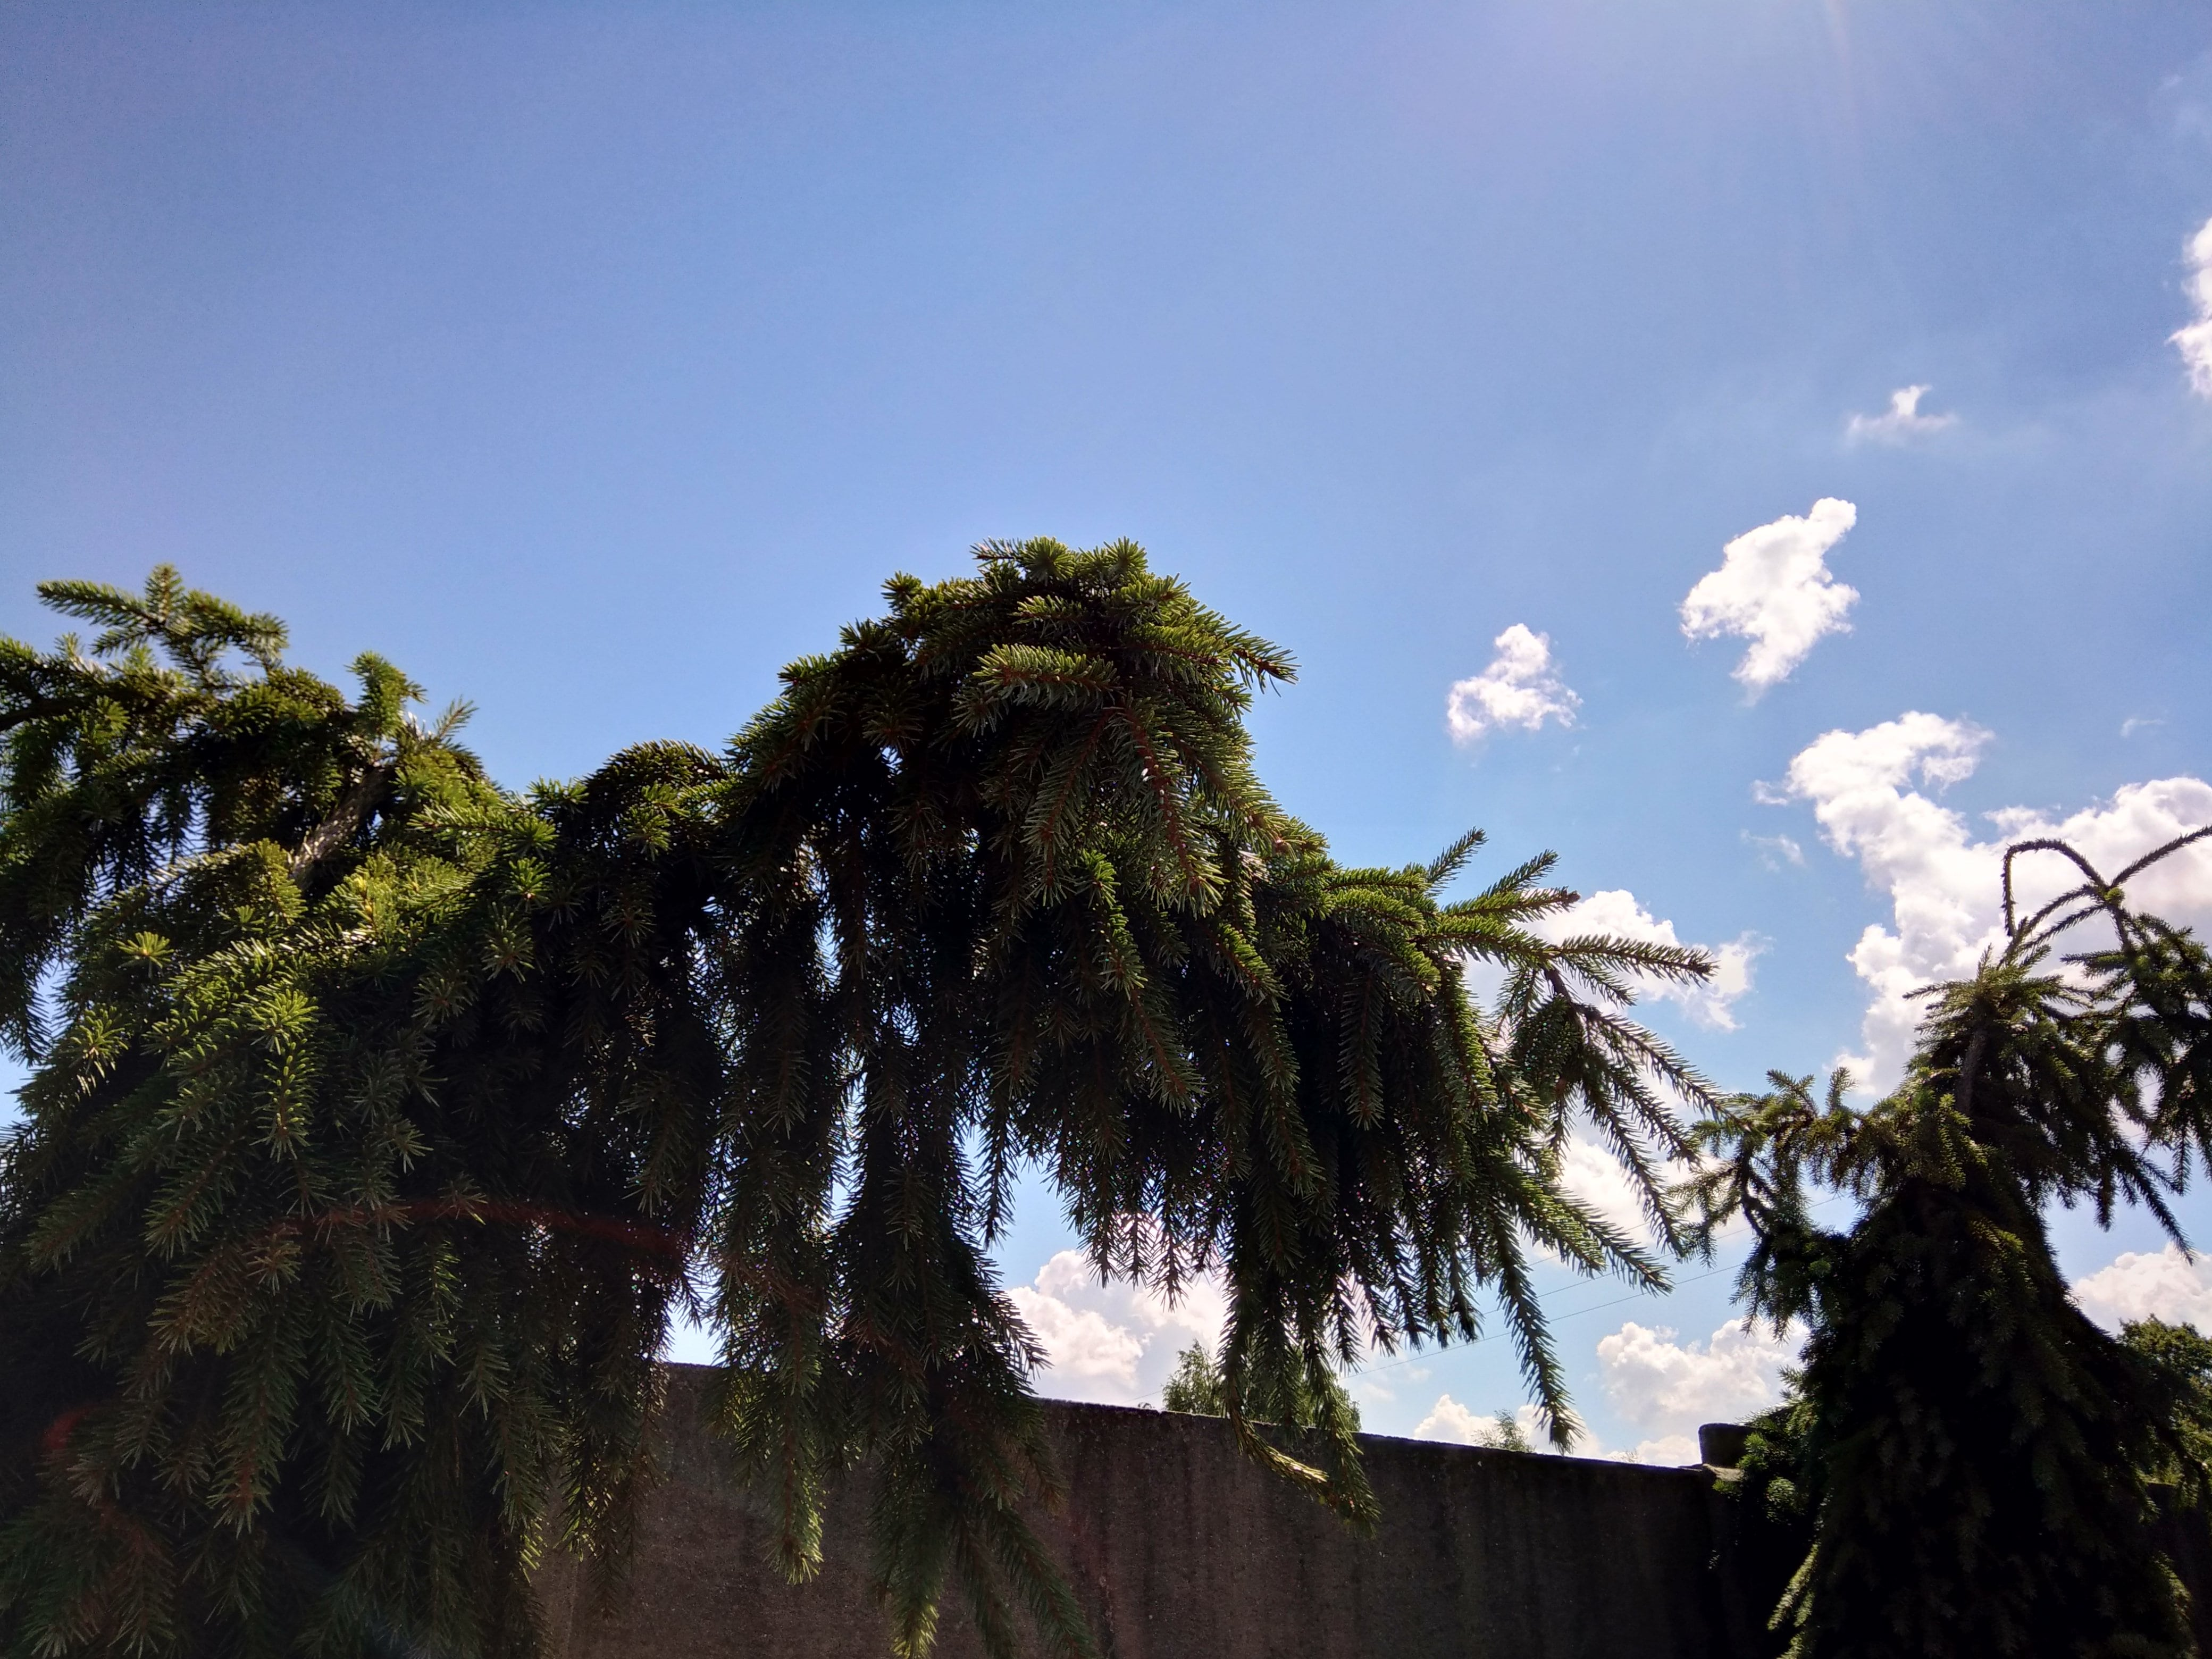 Słoneczna pogoda - Wiko WiM Lite